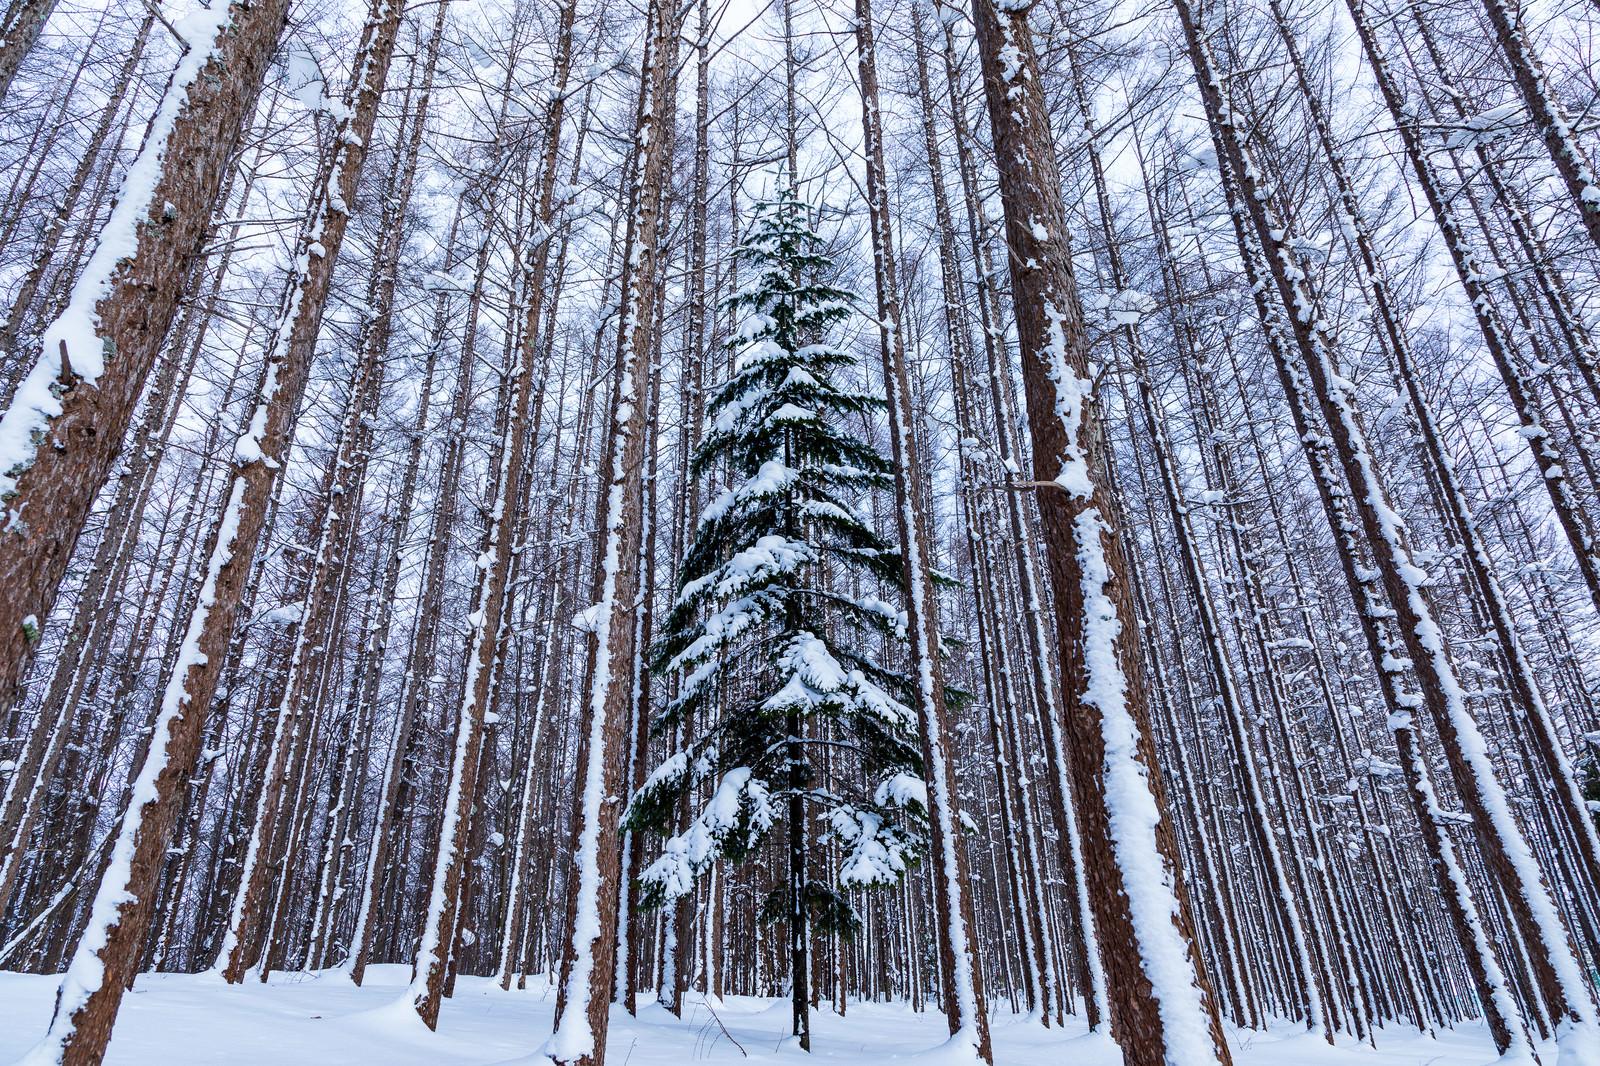 「積雪の森の中にある一本のクリスマスツリー」の写真